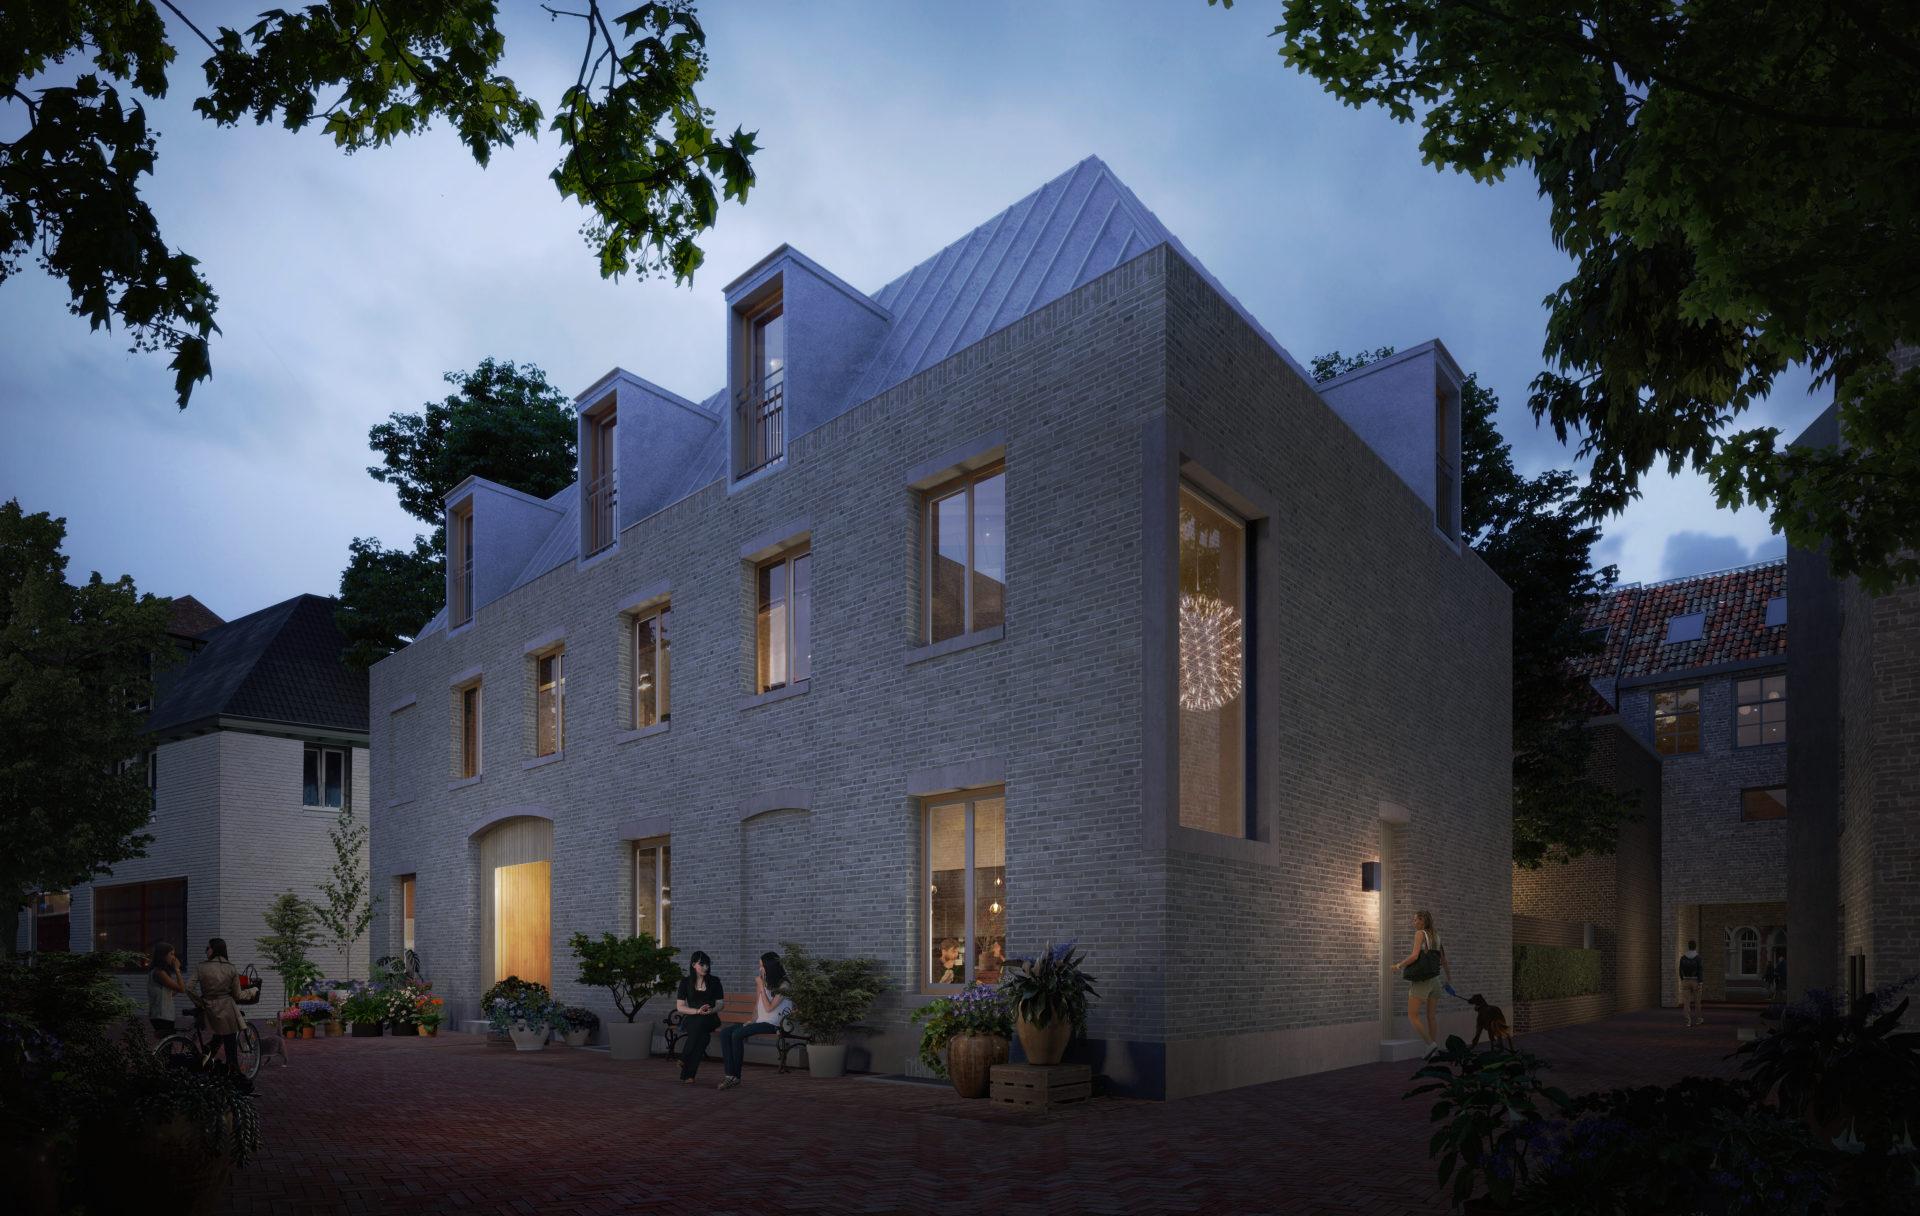 Nieuwbouw 3 Urban villa's 's-Hertogenbosch